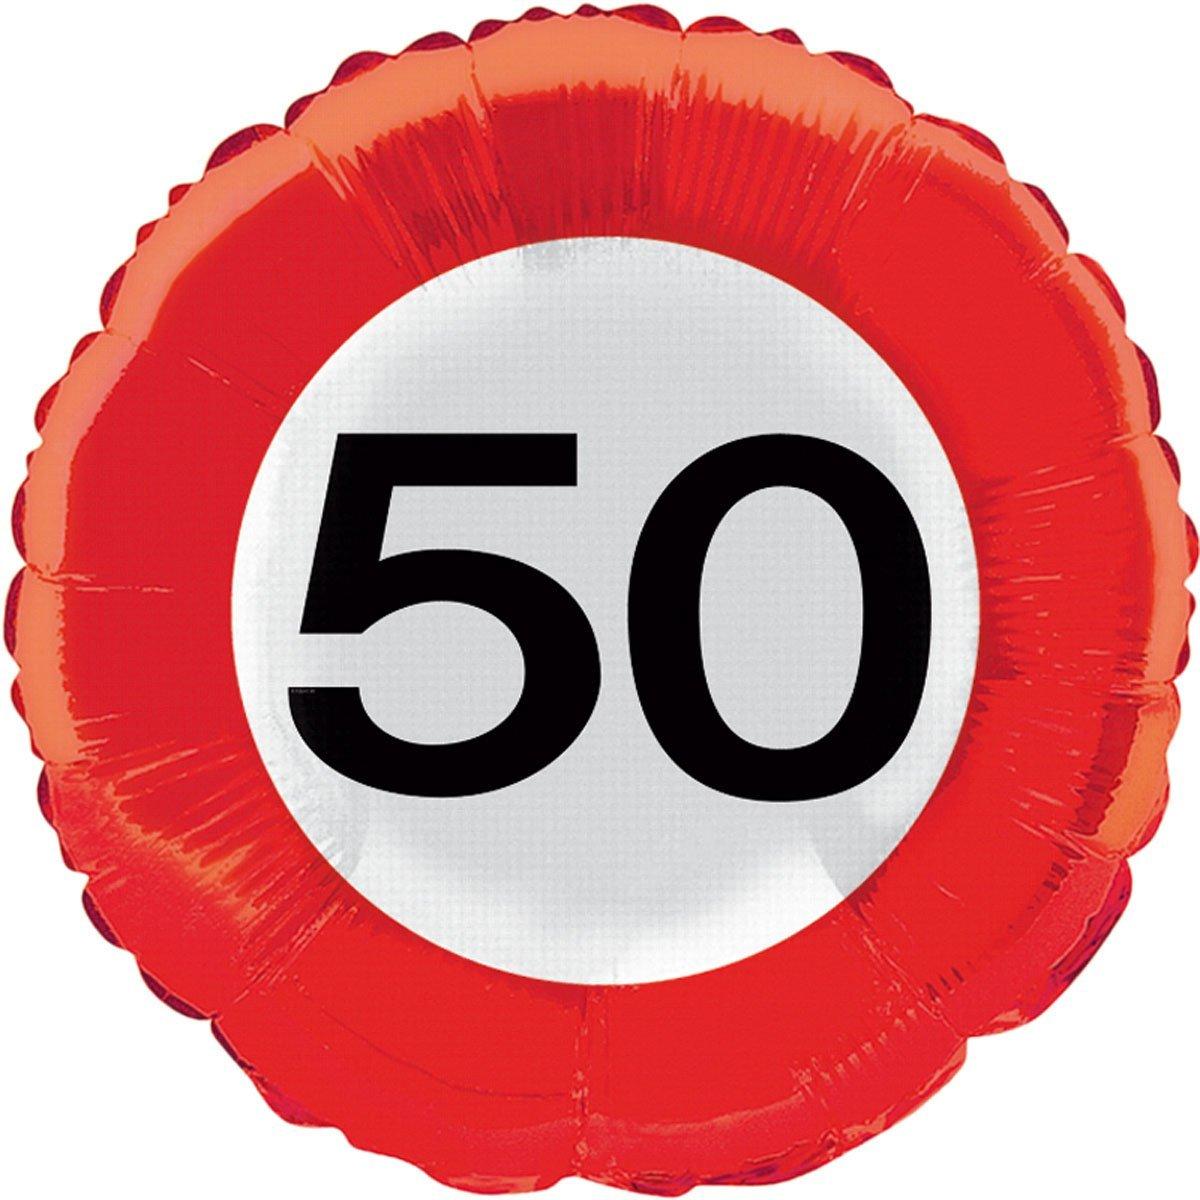 Folienballon 50. Geburtstag - Verkehrsschild-Design - Ohne Helium